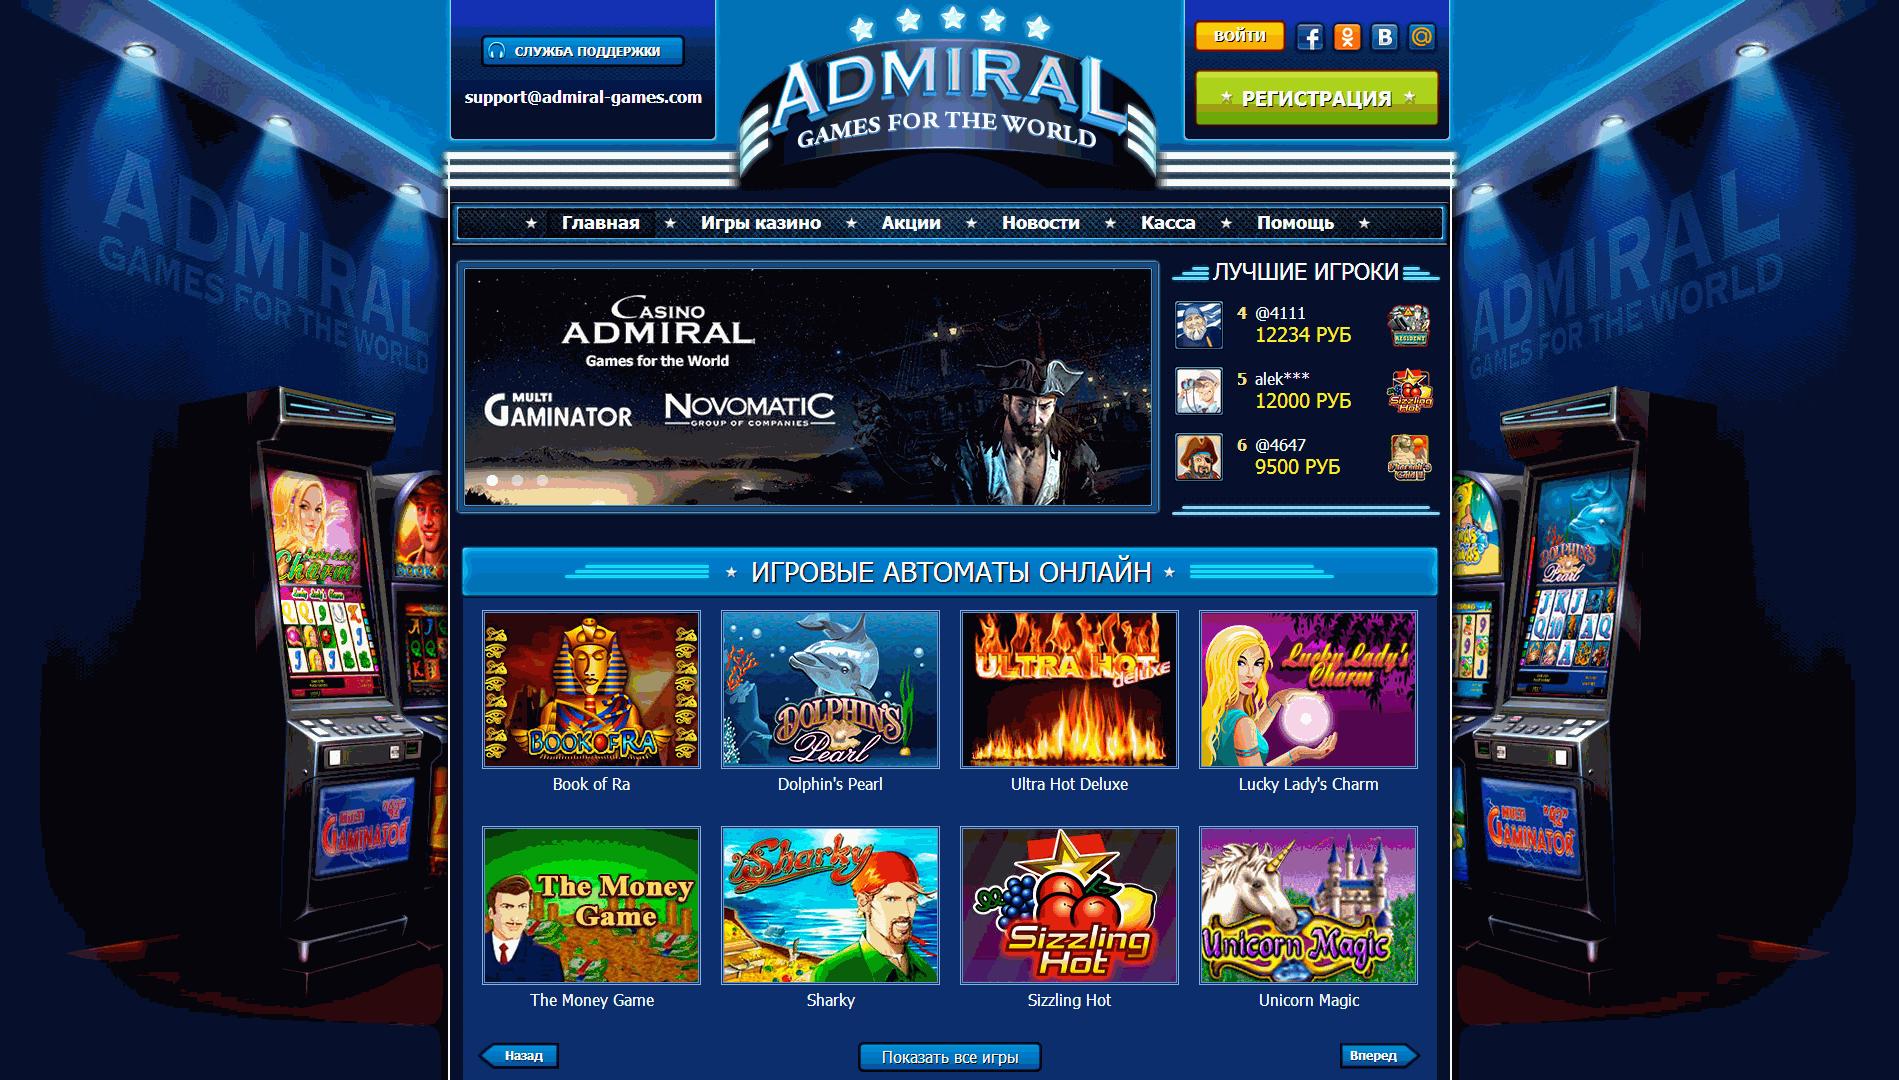 Лучшие игровые автоматы в интернете бесплатно игровые аппараты и без регистрации и авторизации